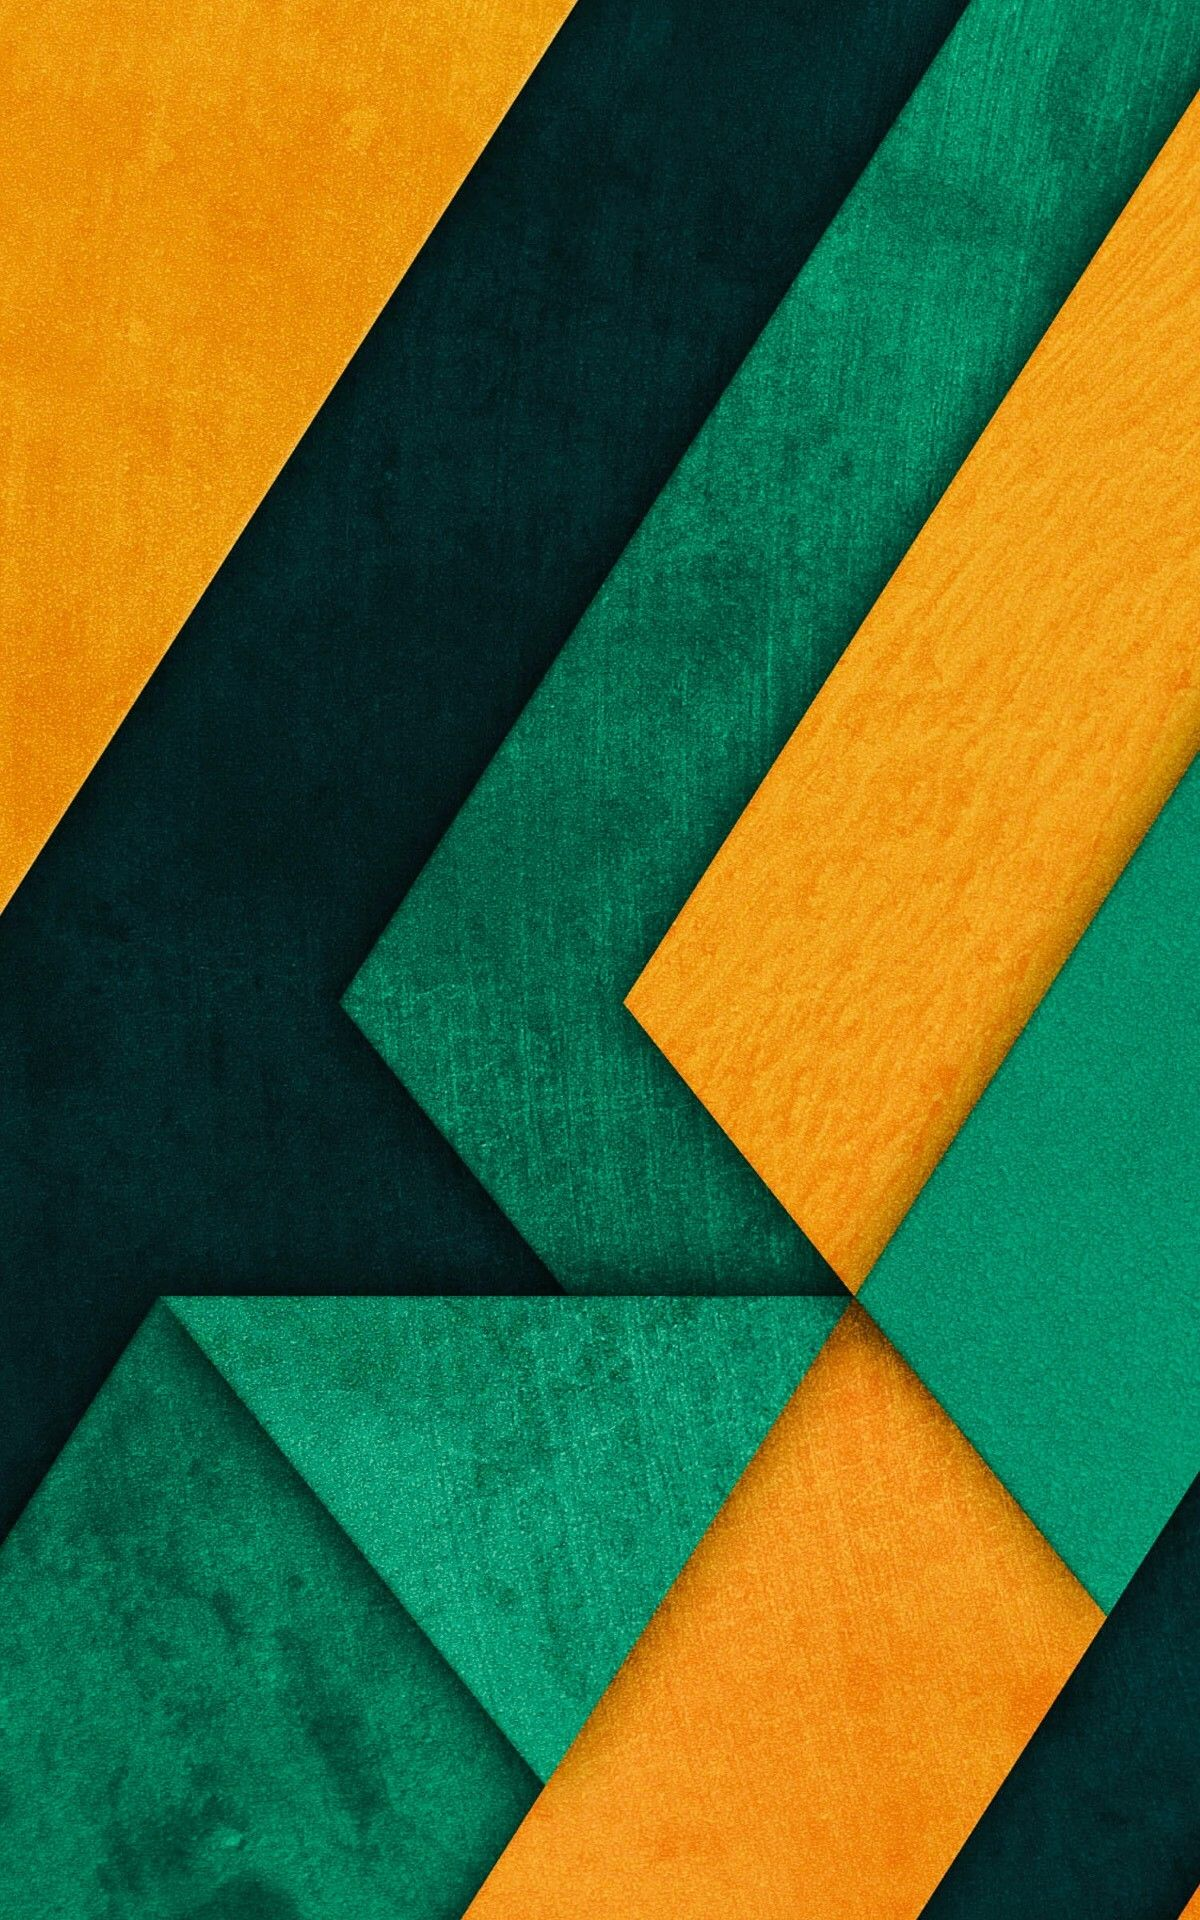 Art wallpaper image by zryan on zryan Abstract, Abstract